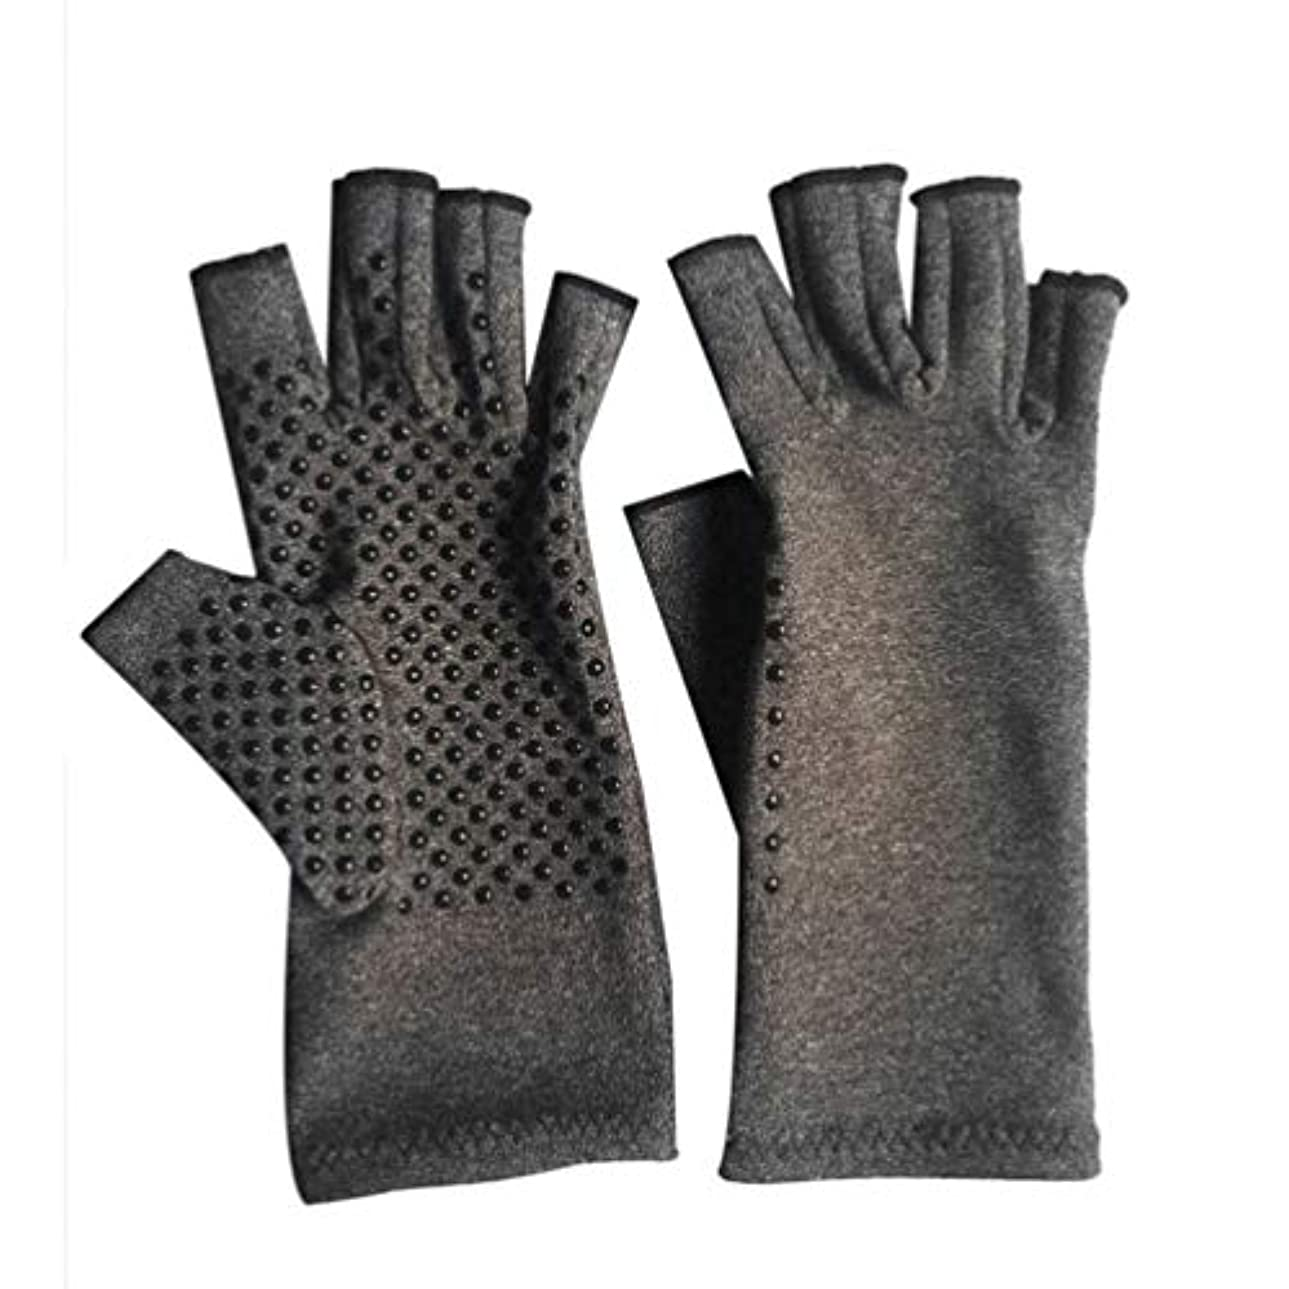 賞賛する廃止する素人1ペアユニセックス男性女性療法圧縮手袋関節炎関節痛緩和ヘルスケア半指手袋トレーニング手袋 - グレーM